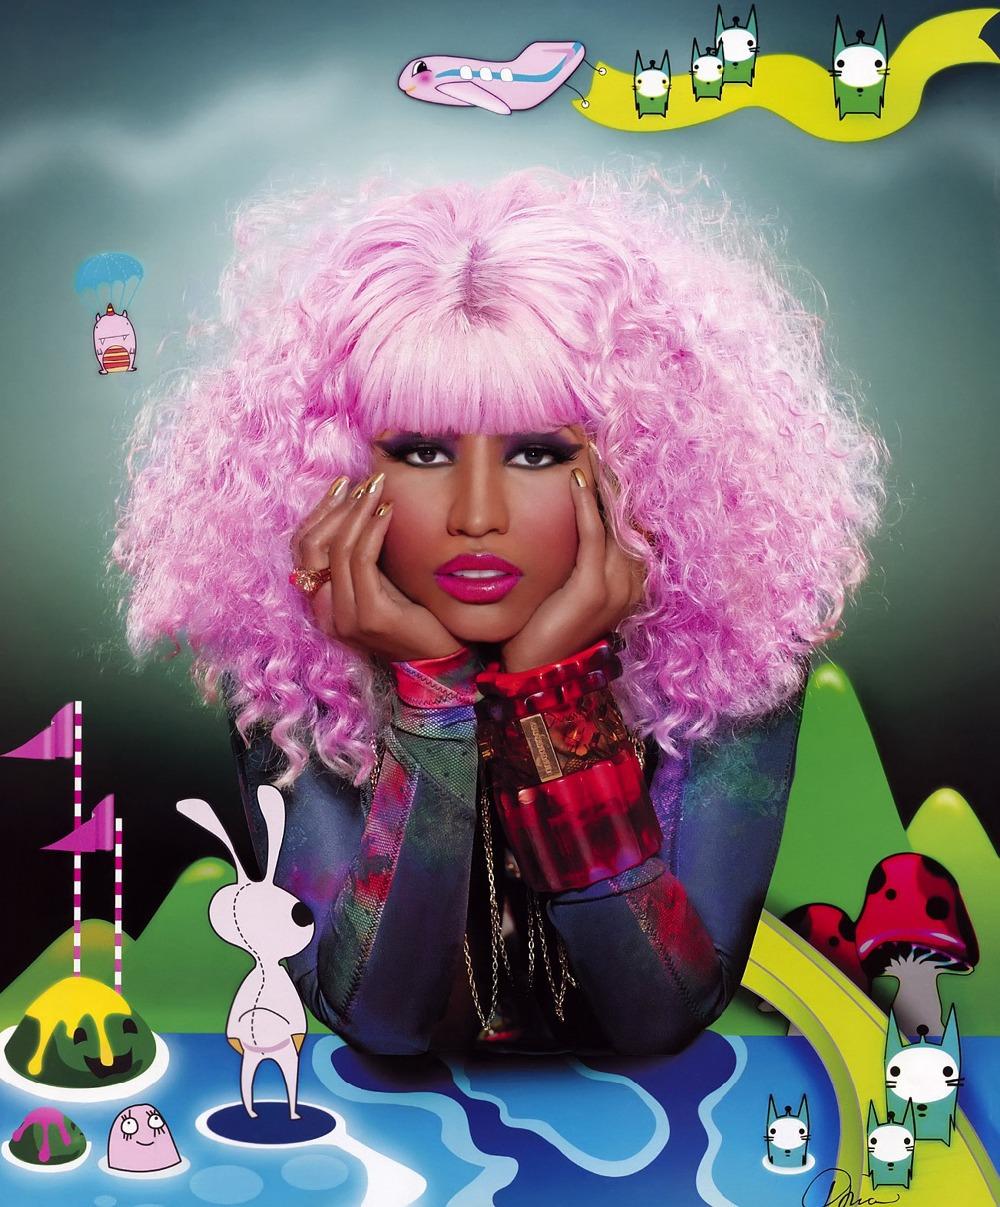 Famous Rappers Poster Famous Rap Singer Poster